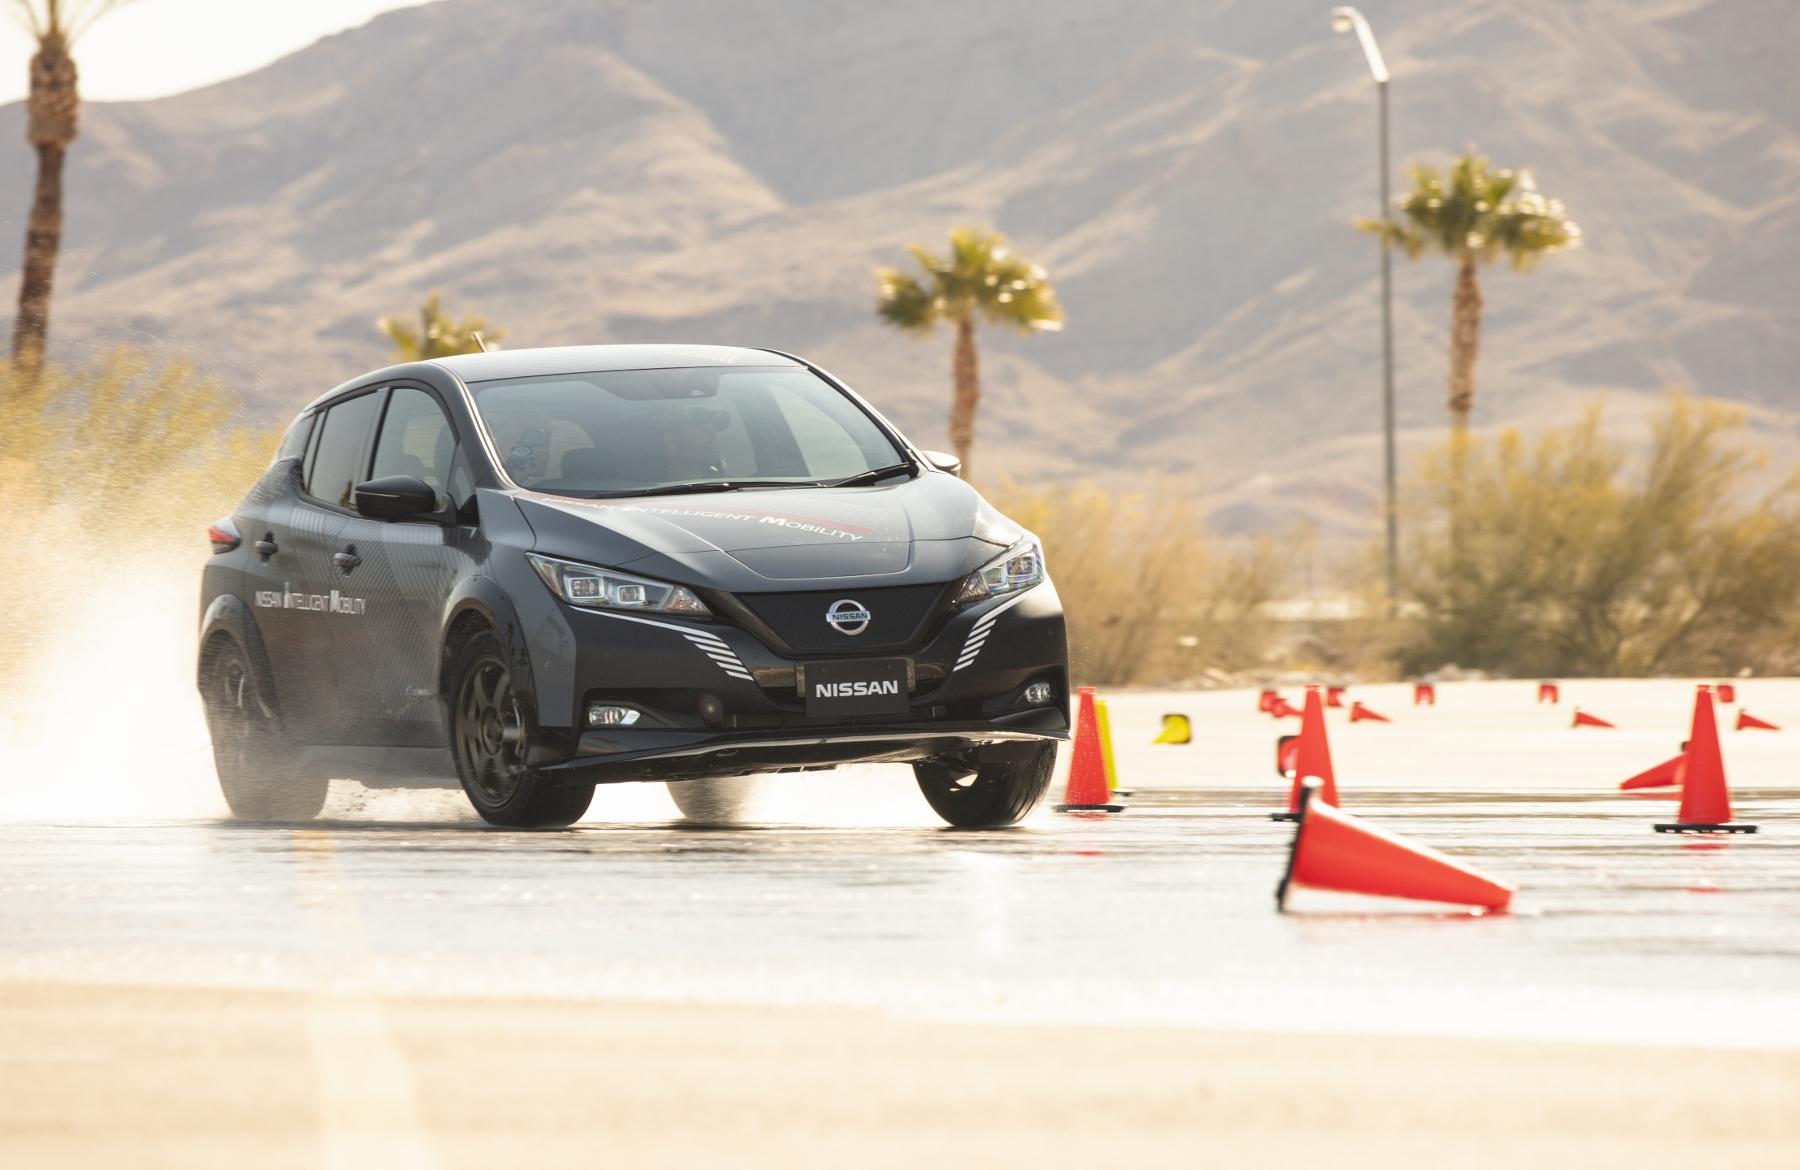 Nissan prichádza s revolučným elektrickým pohonom všetkých kolies nMOD6eUVoV nissan-leaf-prototyp-9